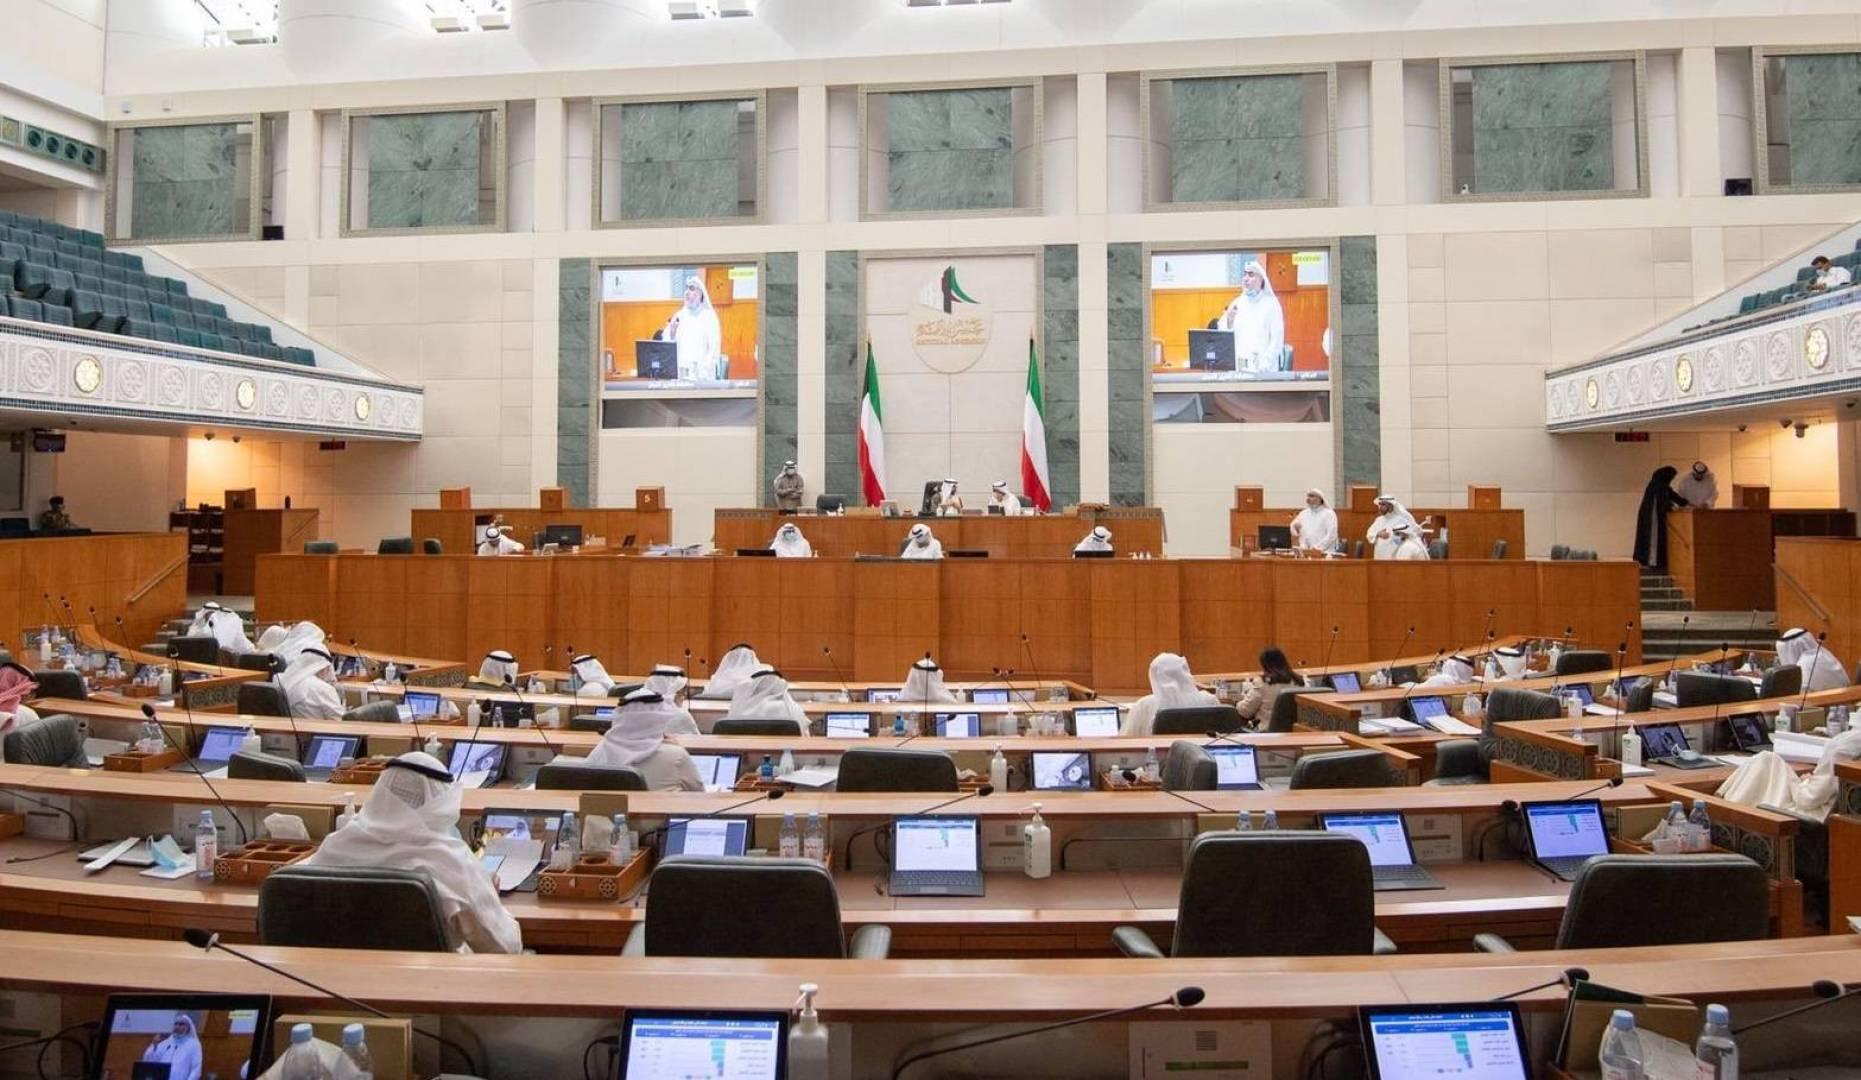 5 نواب يتقدمون باقتراح بقانون بحظر التعامل أو التطبيع مع الكيان لصهيوني